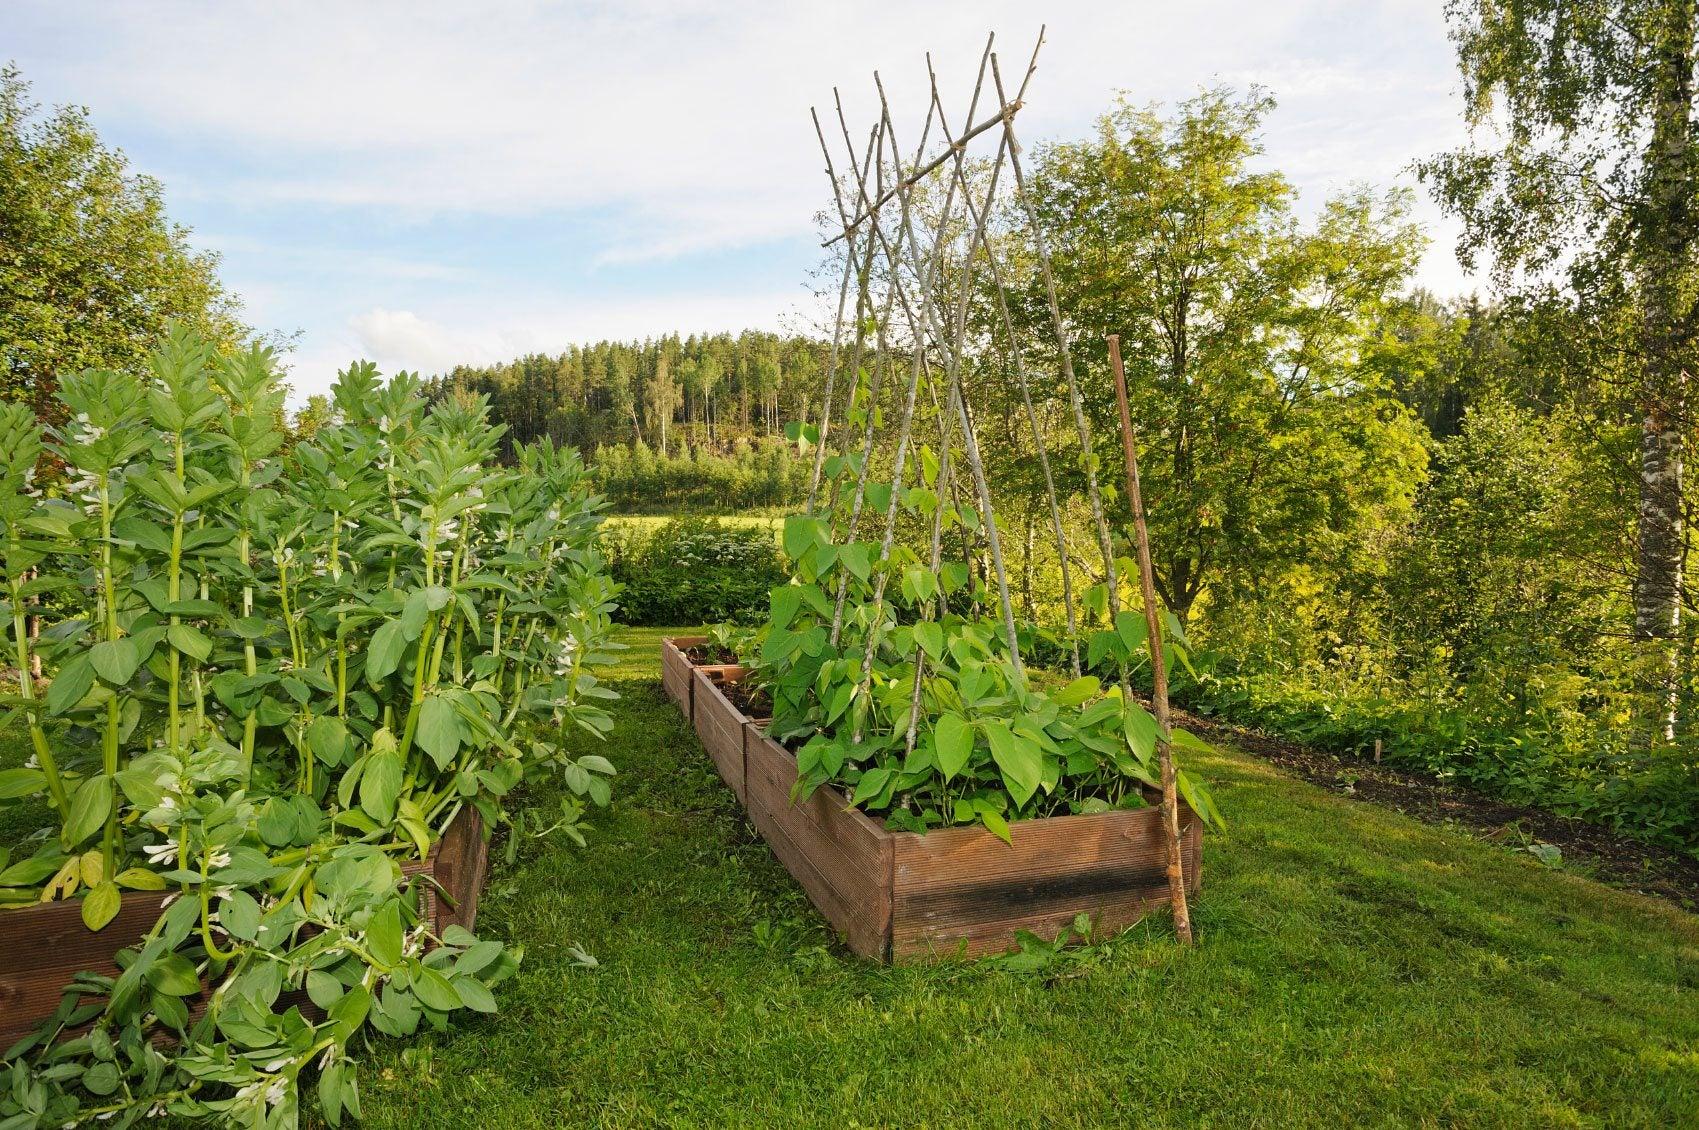 Mittleider Grow Box Using The Mittleider System Of Gardening